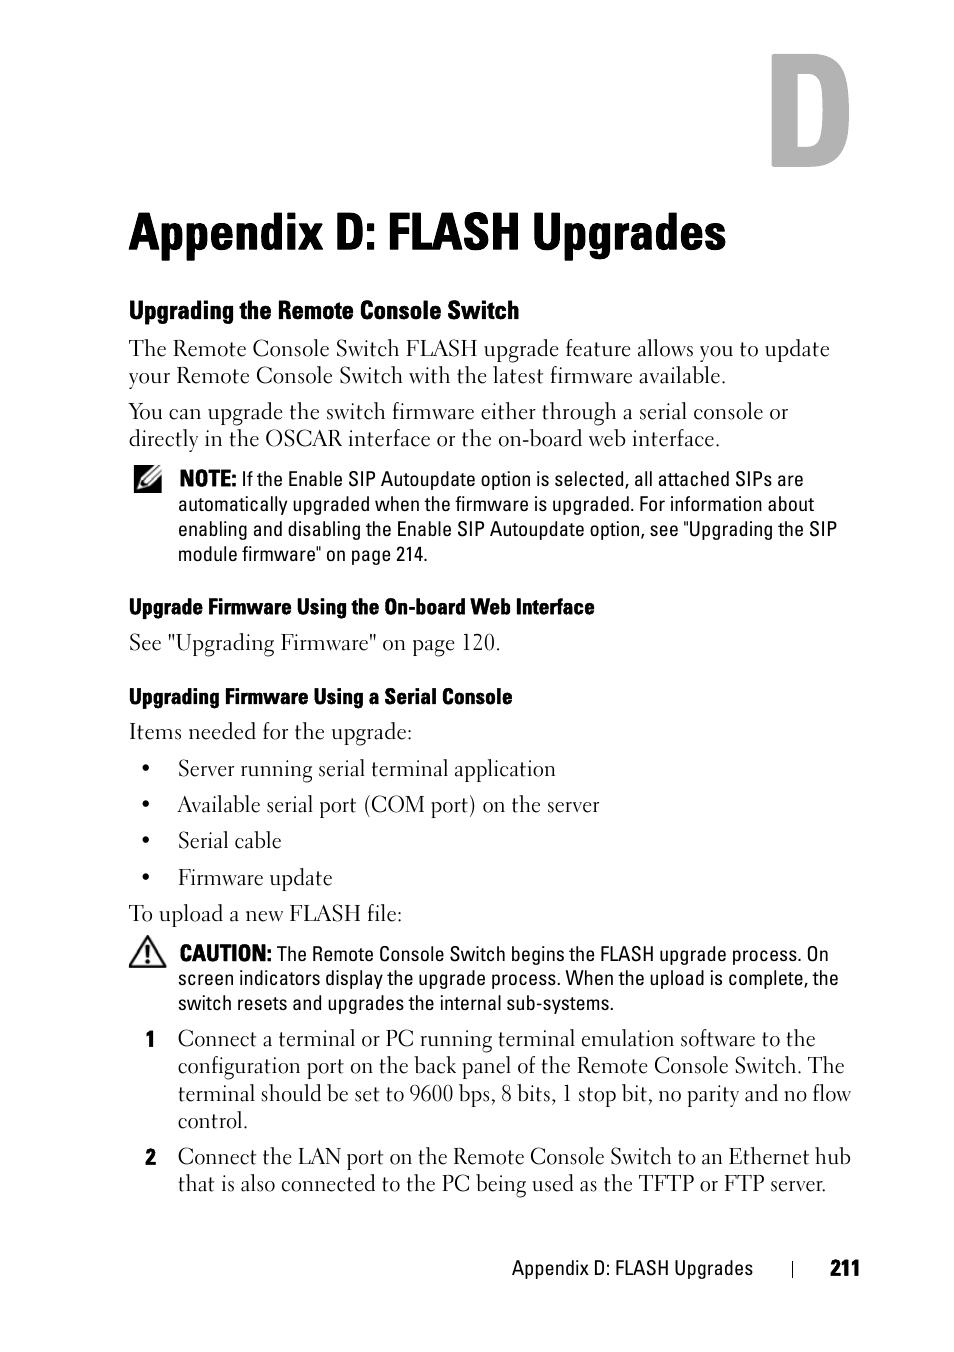 apendix d